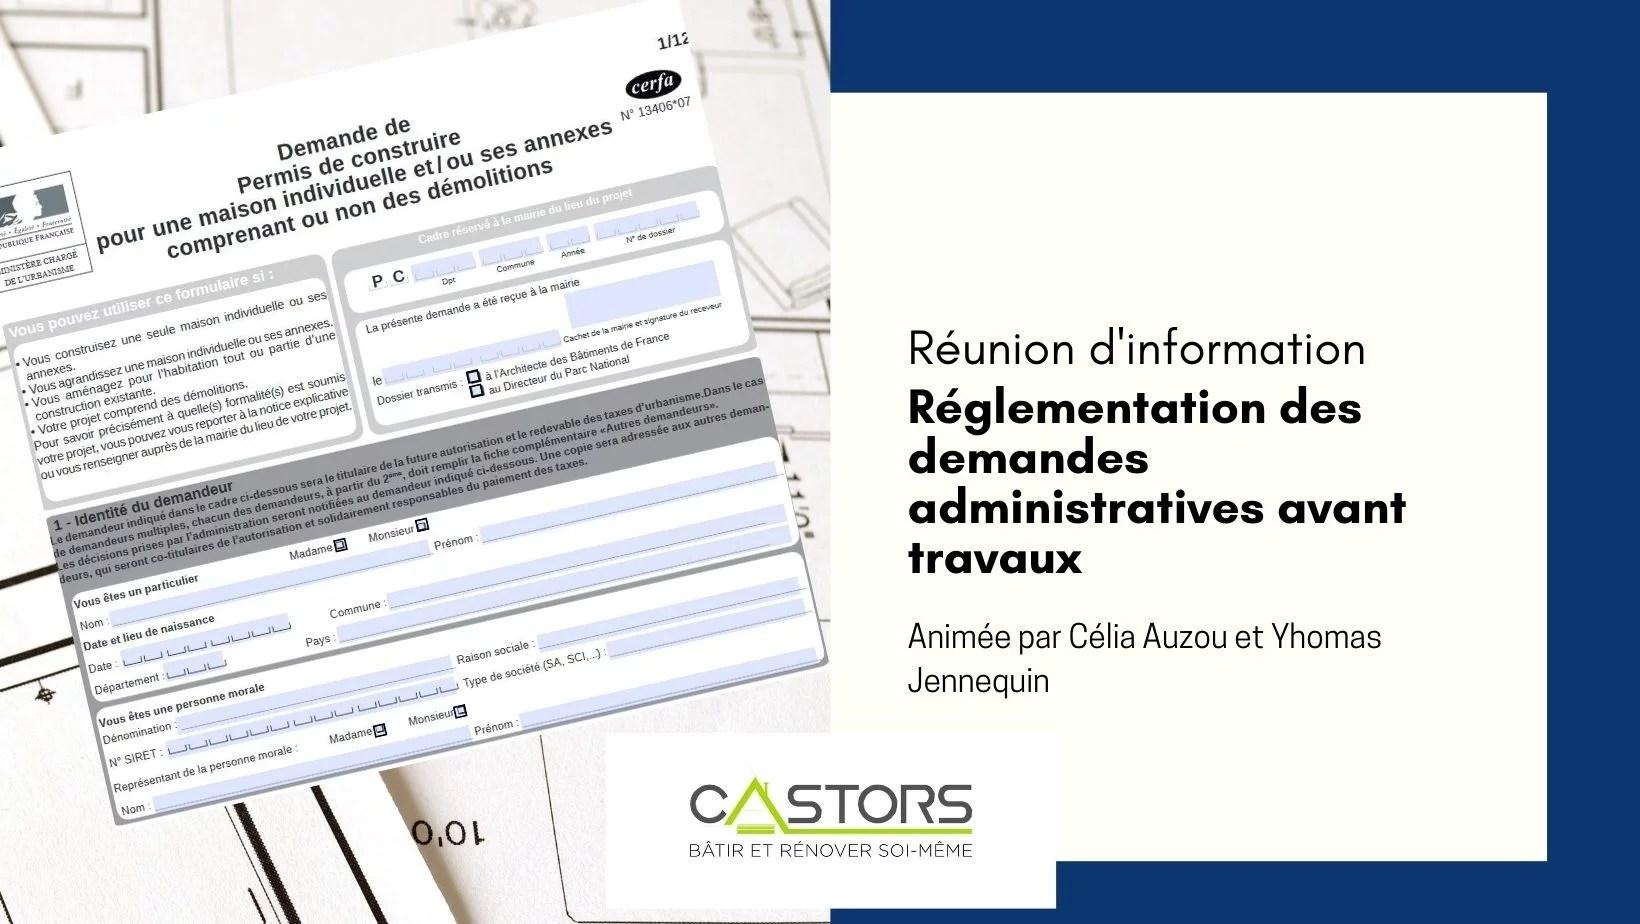 Réunion d'information en ligne : Réglementation des demandes administratives avant travaux (Permis de Construire,...)